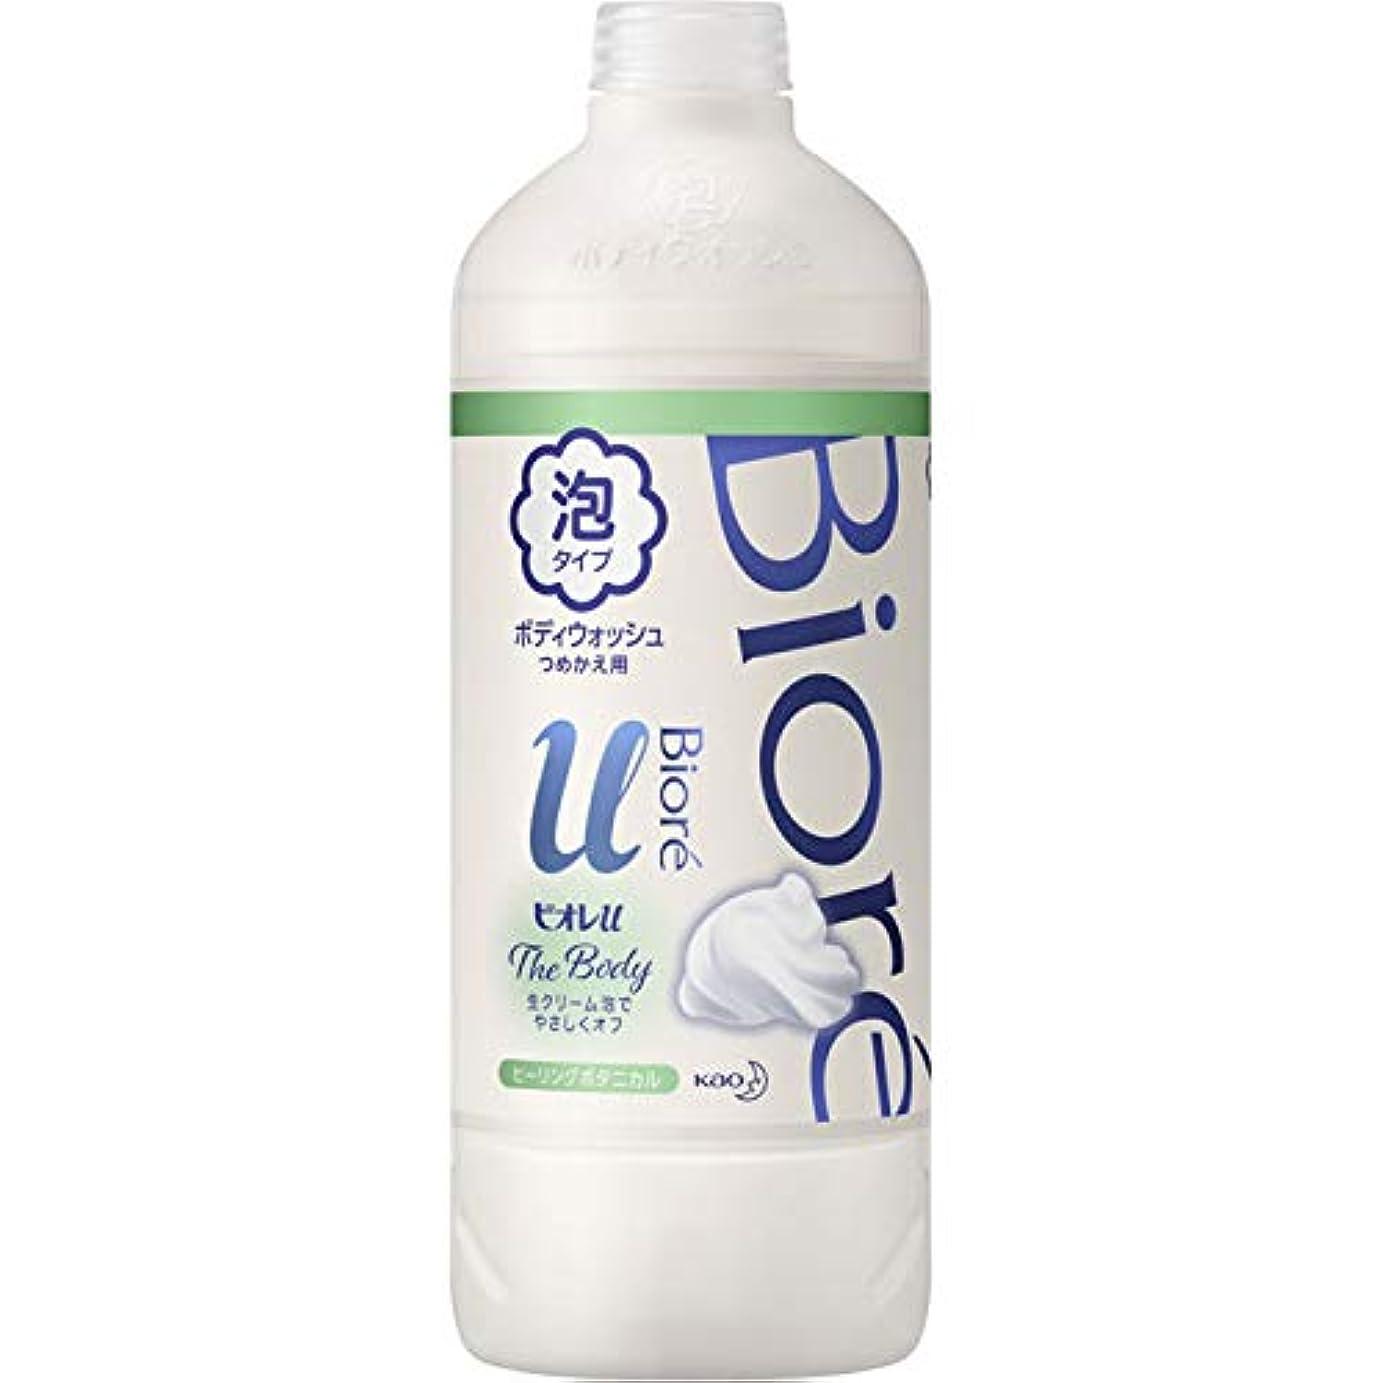 イースター表面ガス花王 ビオレu ザ ボディ泡ヒーリングボタニカルの香り 詰替え用 450ml